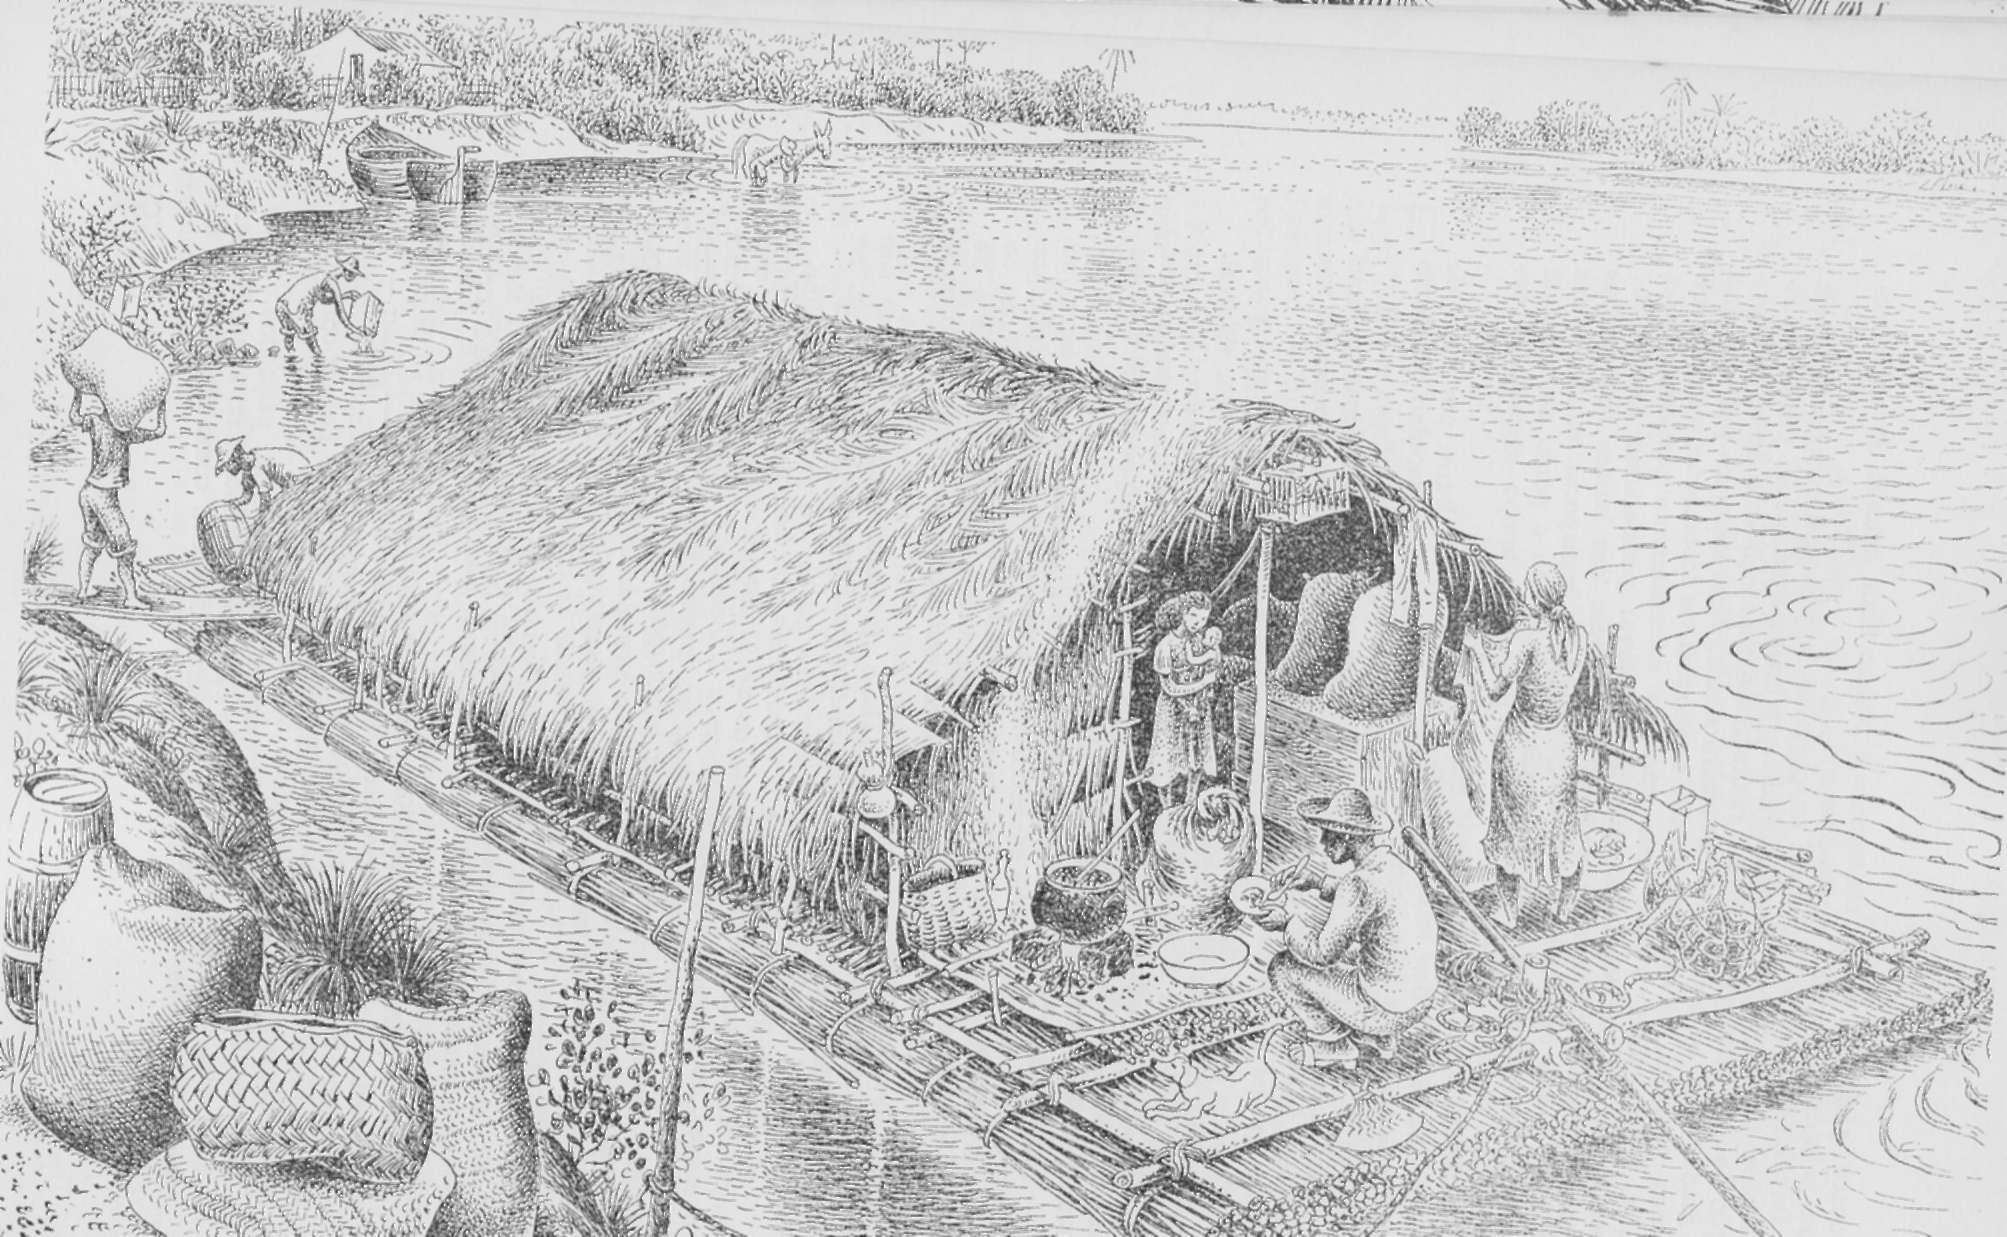 tradicional transporte por BALSAS nos rios Brasileiros #505050 2007x1237